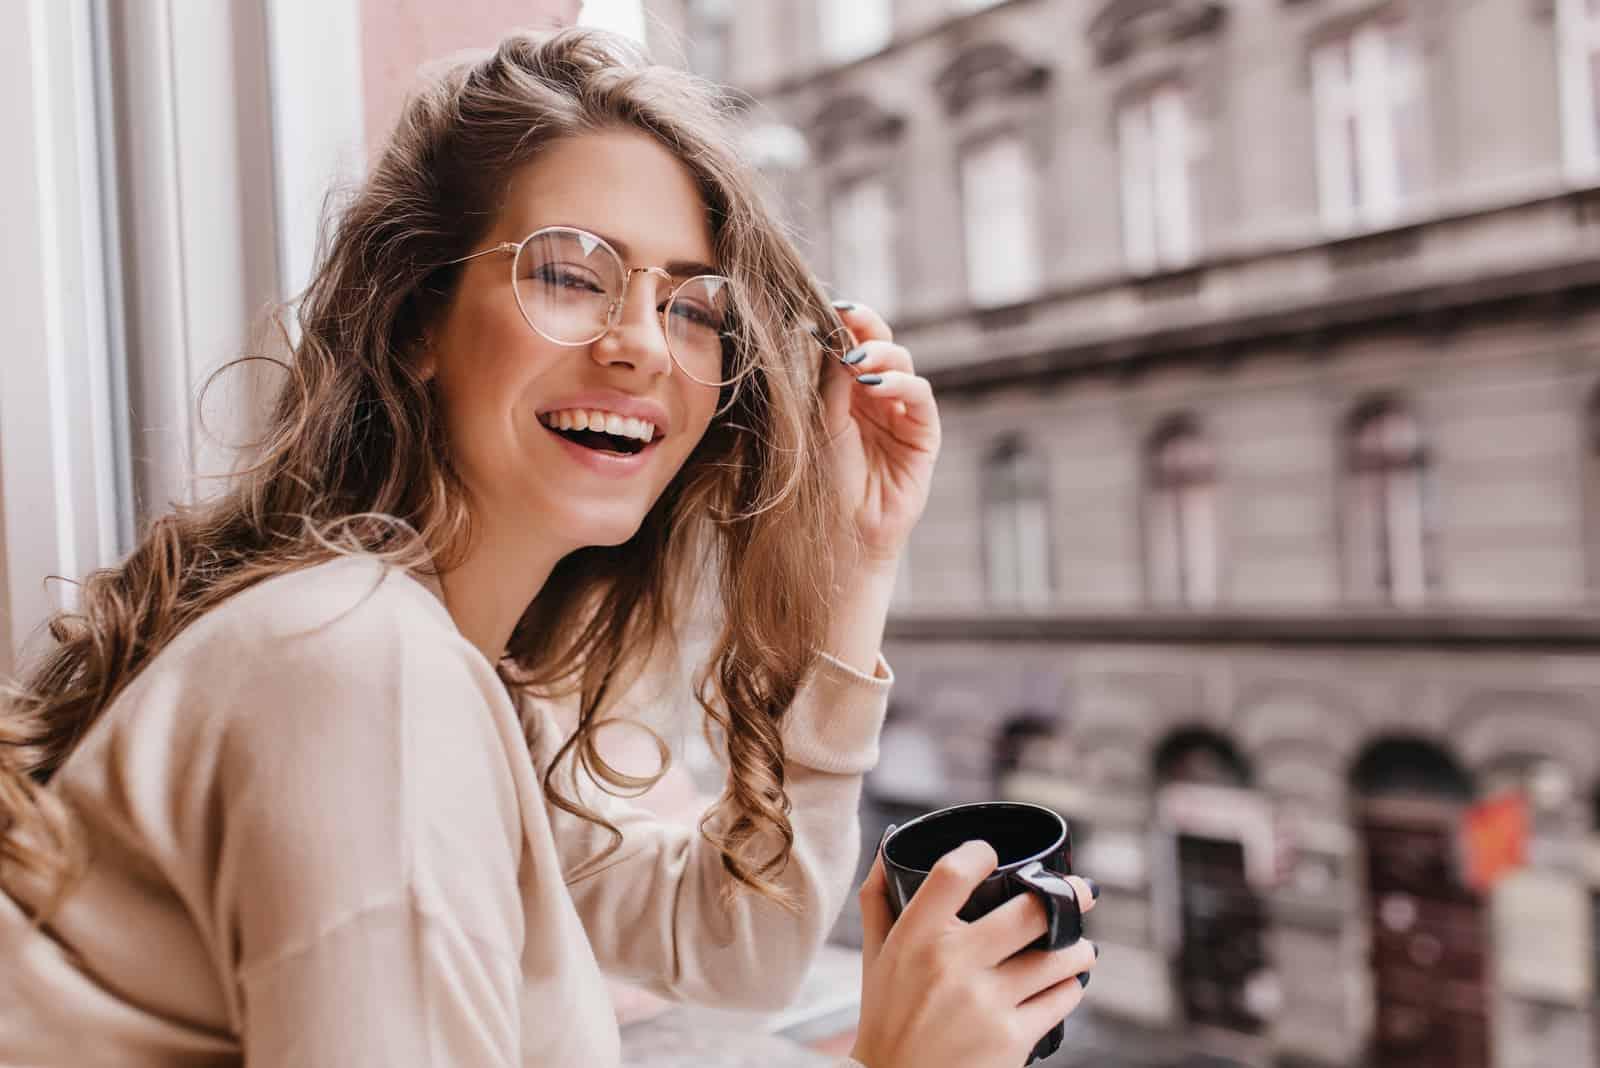 une femme souriante se tient à la fenêtre tenant une tasse de café